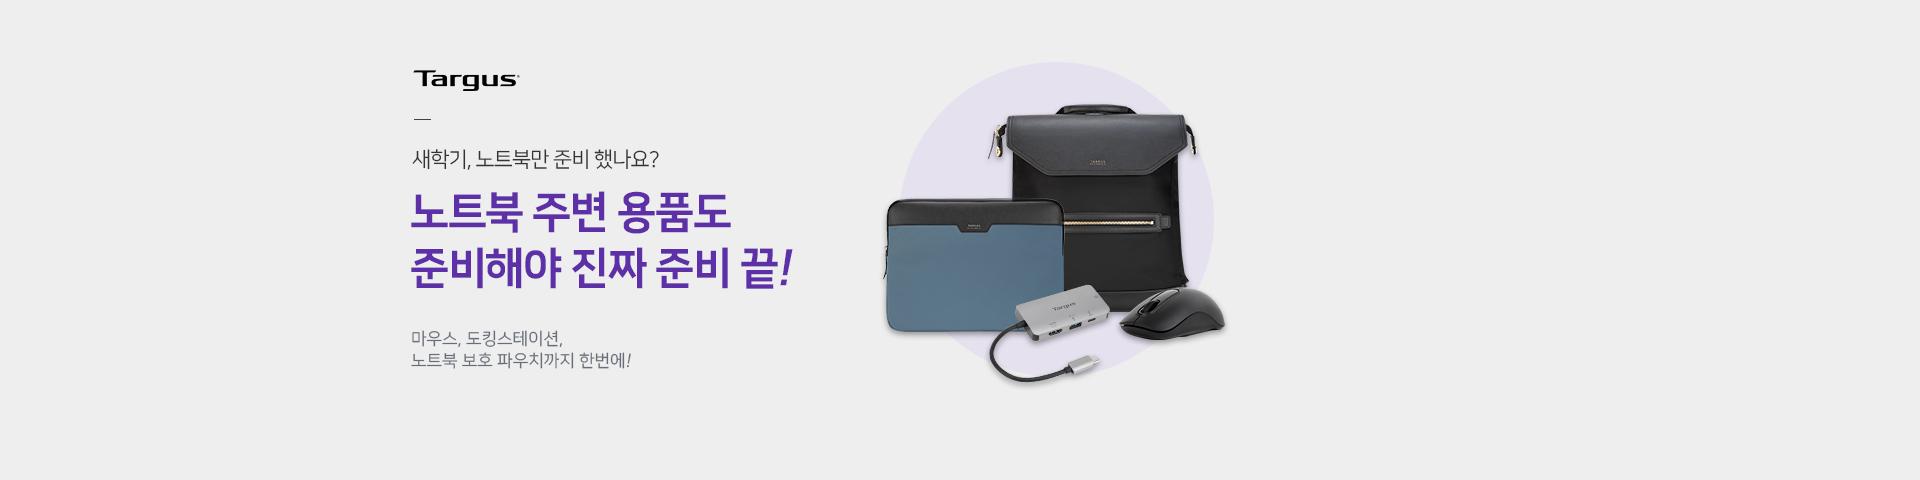 [타거스] 신학기 제품 기획전